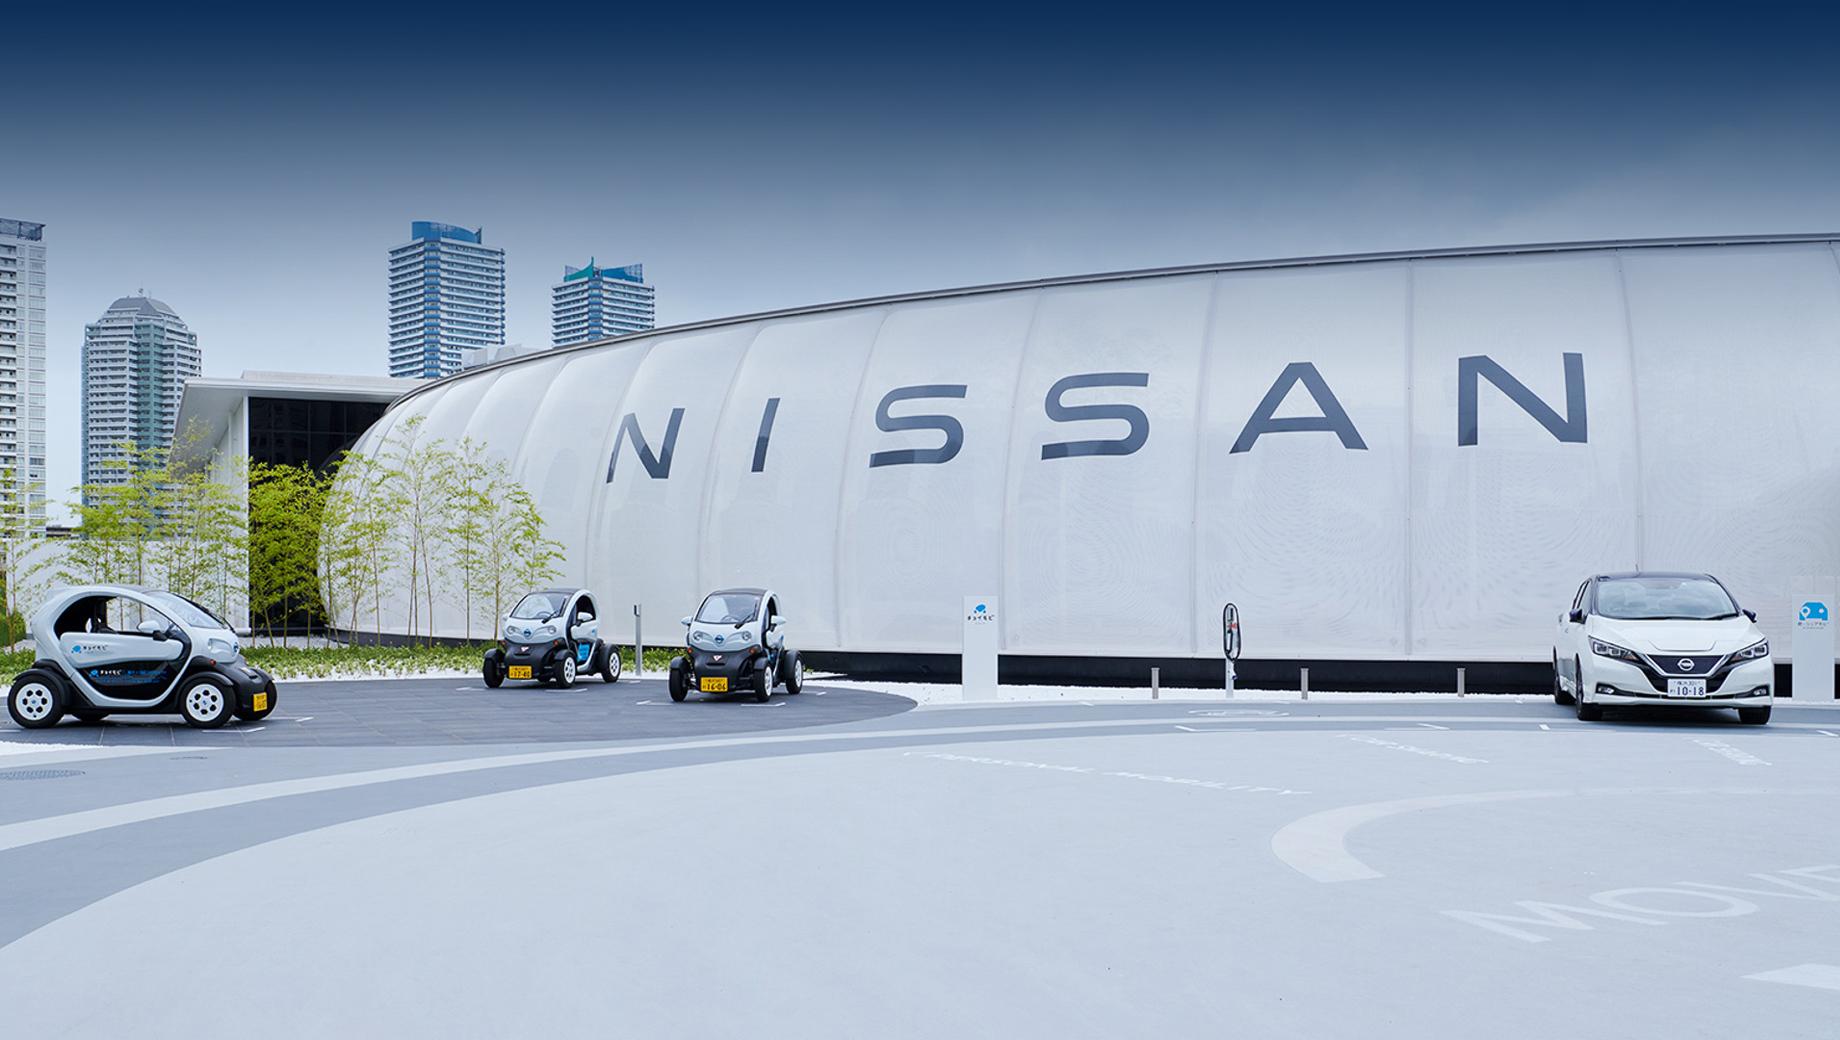 Nissan leaf,Nissan ariya. Павильон площадью 10 000 м² снабжается энергией из возобновляемых источников, в том числе от солнечных батарей.